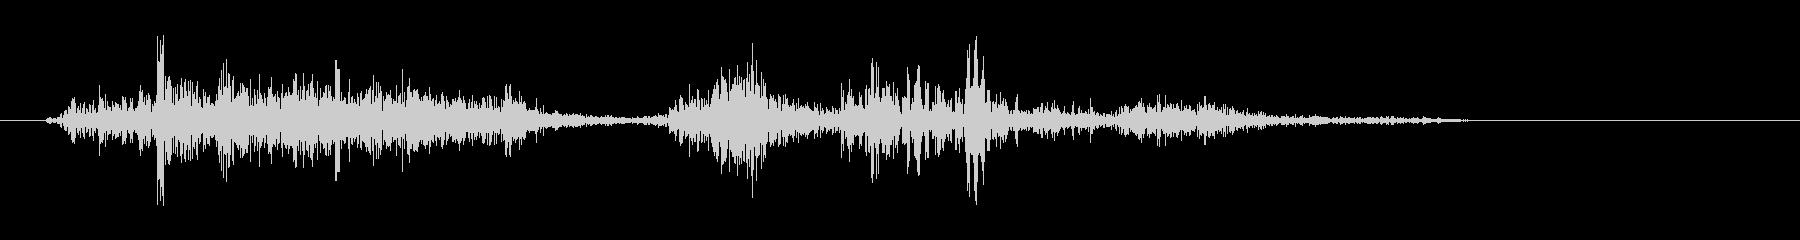 シュパラ(本をめくる音)の未再生の波形